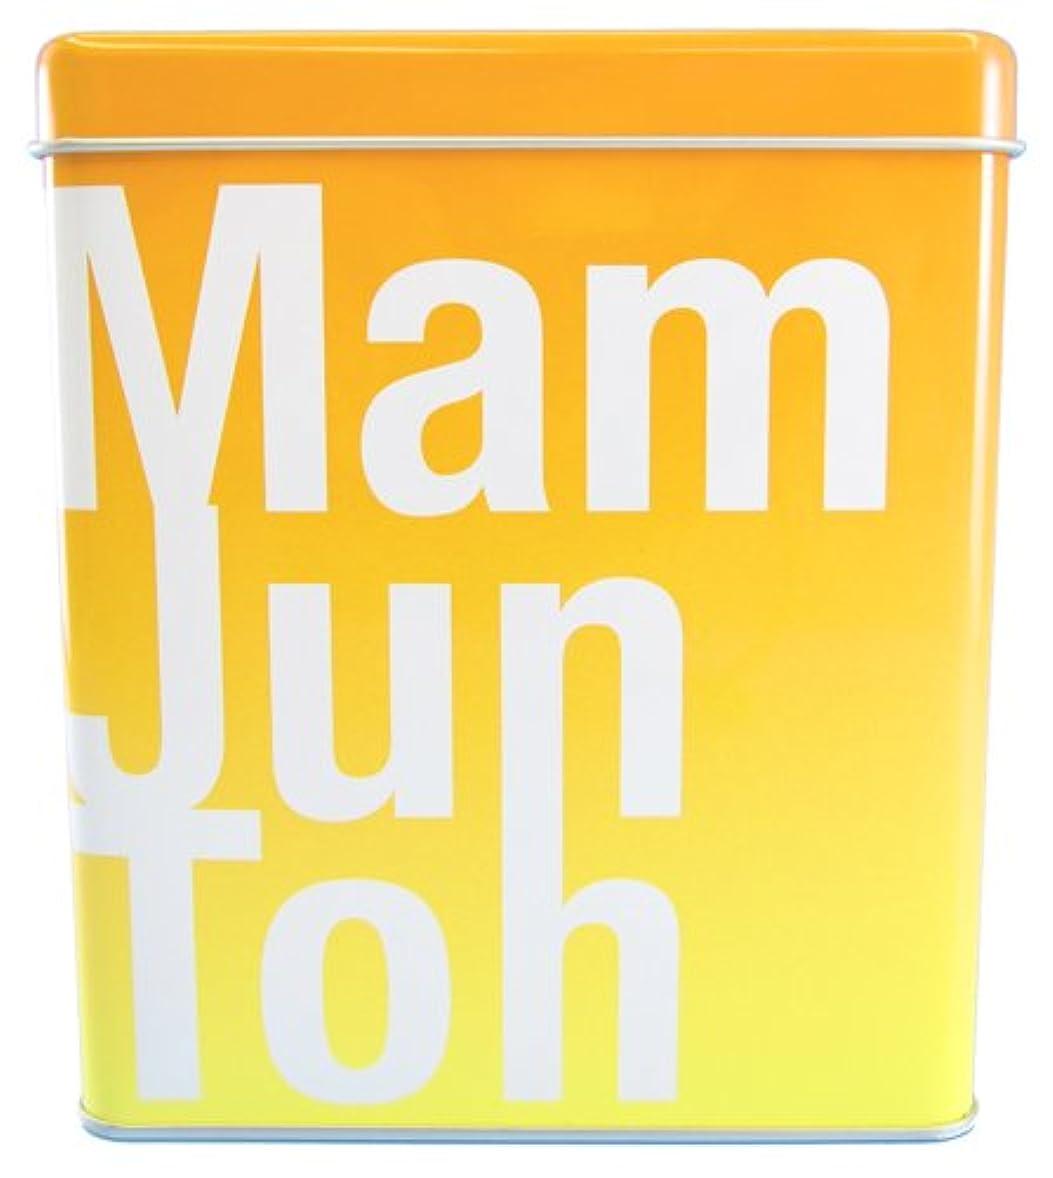 葡萄離婚ビーズ蔓潤湯 椿 パラダイス山元責任監修 薬用入浴剤 天然ビターオレンジの香り 750g